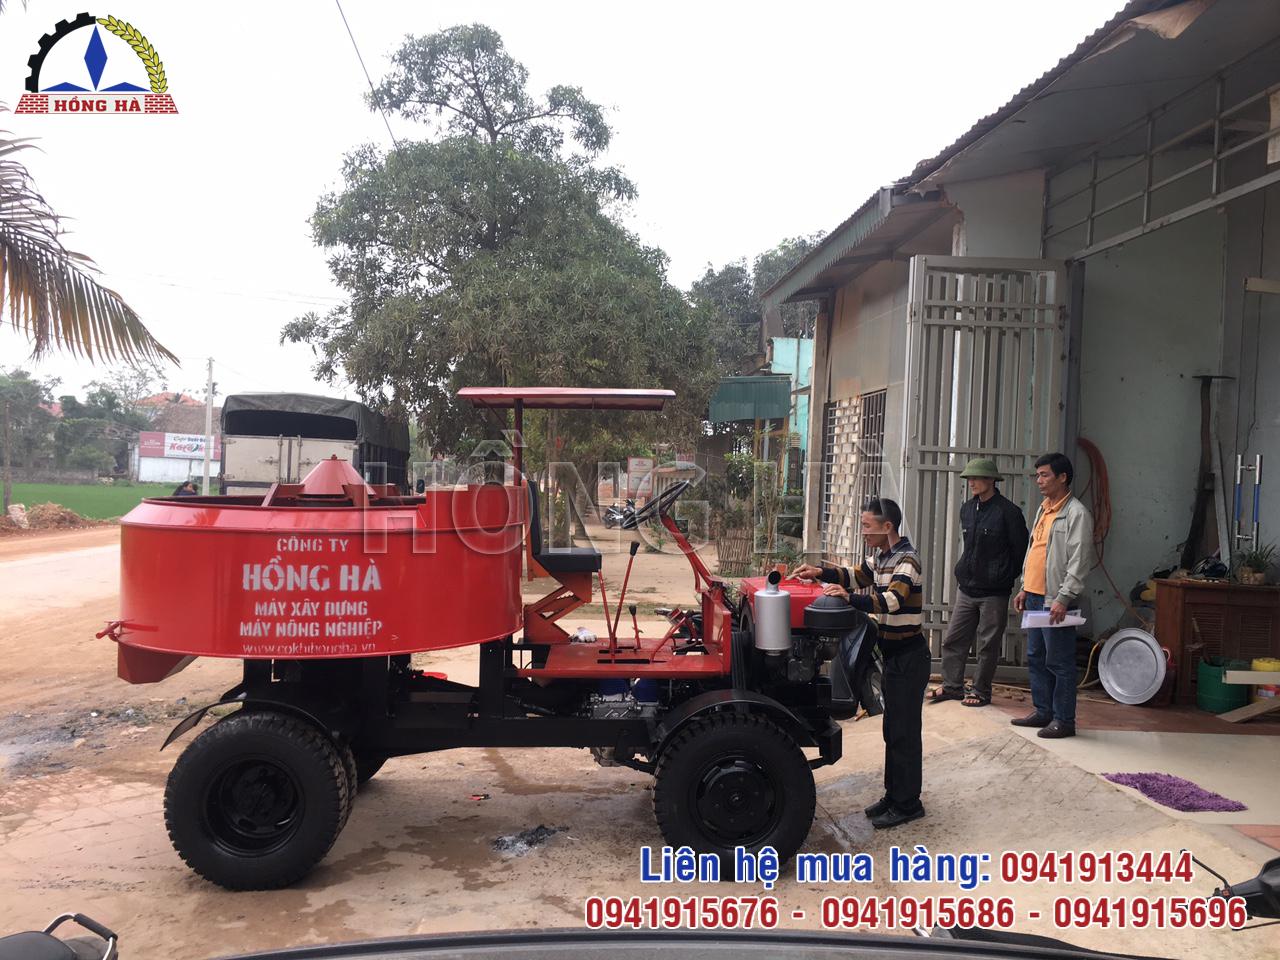 2 Khách hàng Thanh Hóa nhận bàn giao máy trộn bê tông tự hành 9 bao 1 cầu Hồng Hà